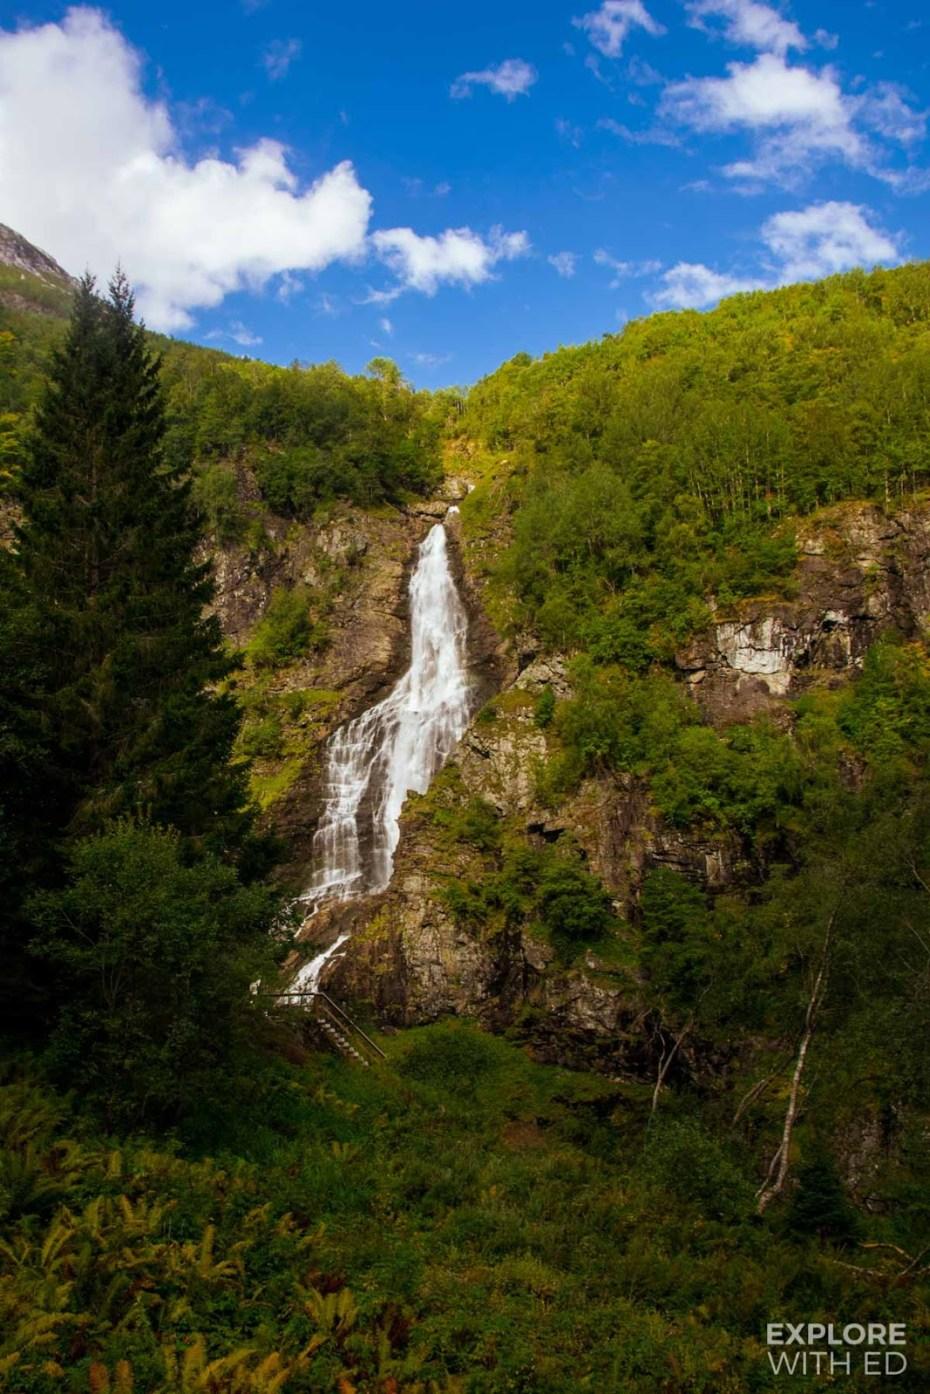 Waterfall near The Stalheimskleiva Road